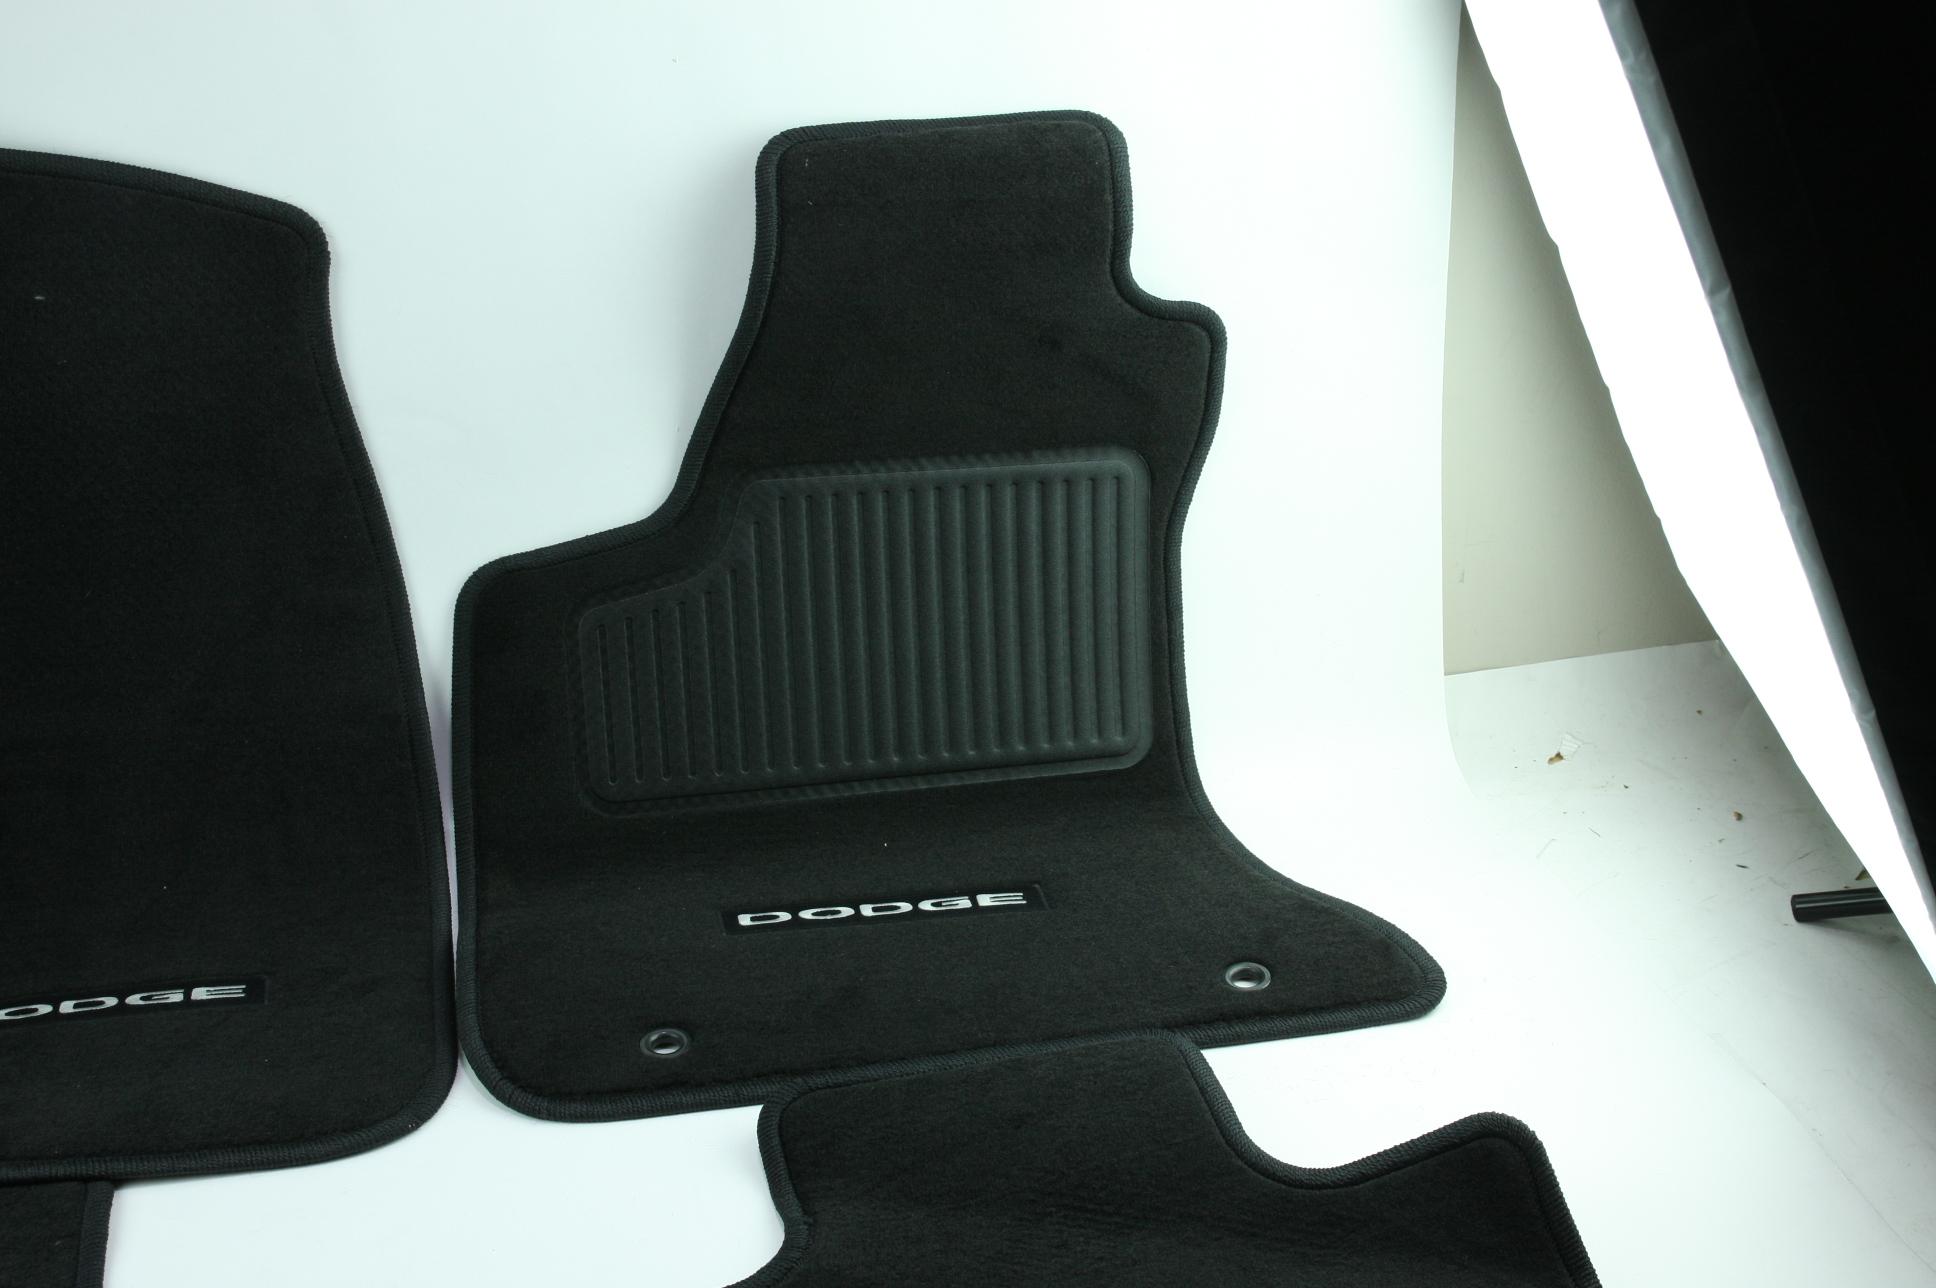 New OEM Genuine Mopar 1NL24DX9AC 11-12 Dodge Charger Mat Kit Front & Rear NIP - image 5